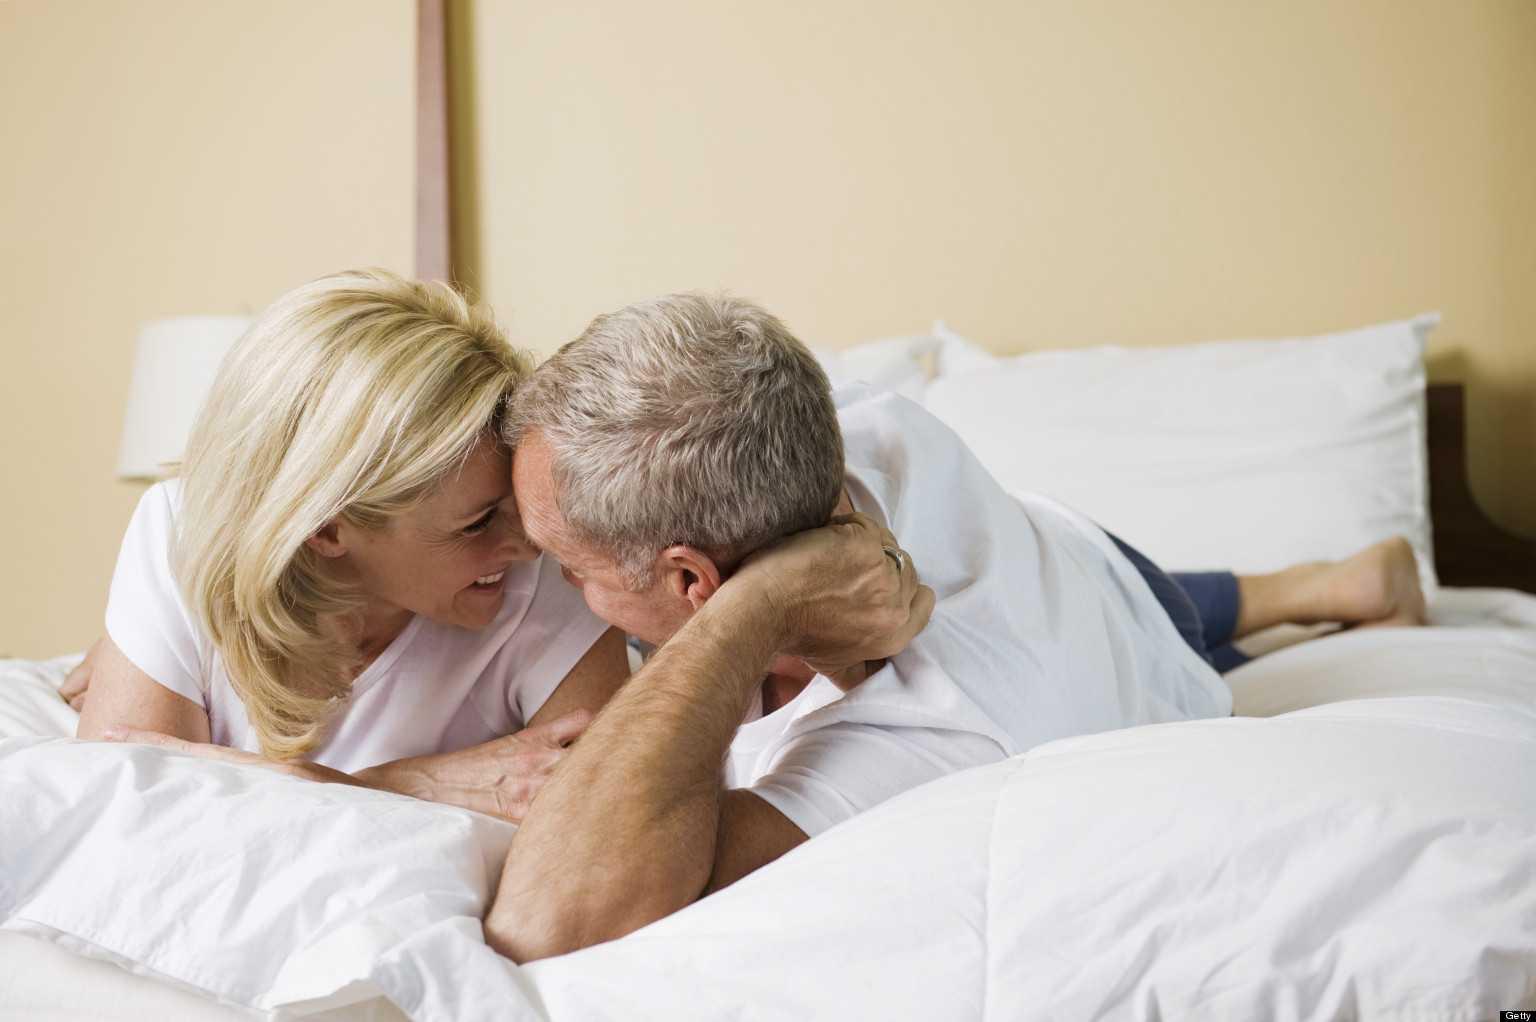 """59% các cặp trung niên nói rằng """"chuyện ấy"""" thú vị hơn rất nhiều so với lúc họ còn trẻ."""